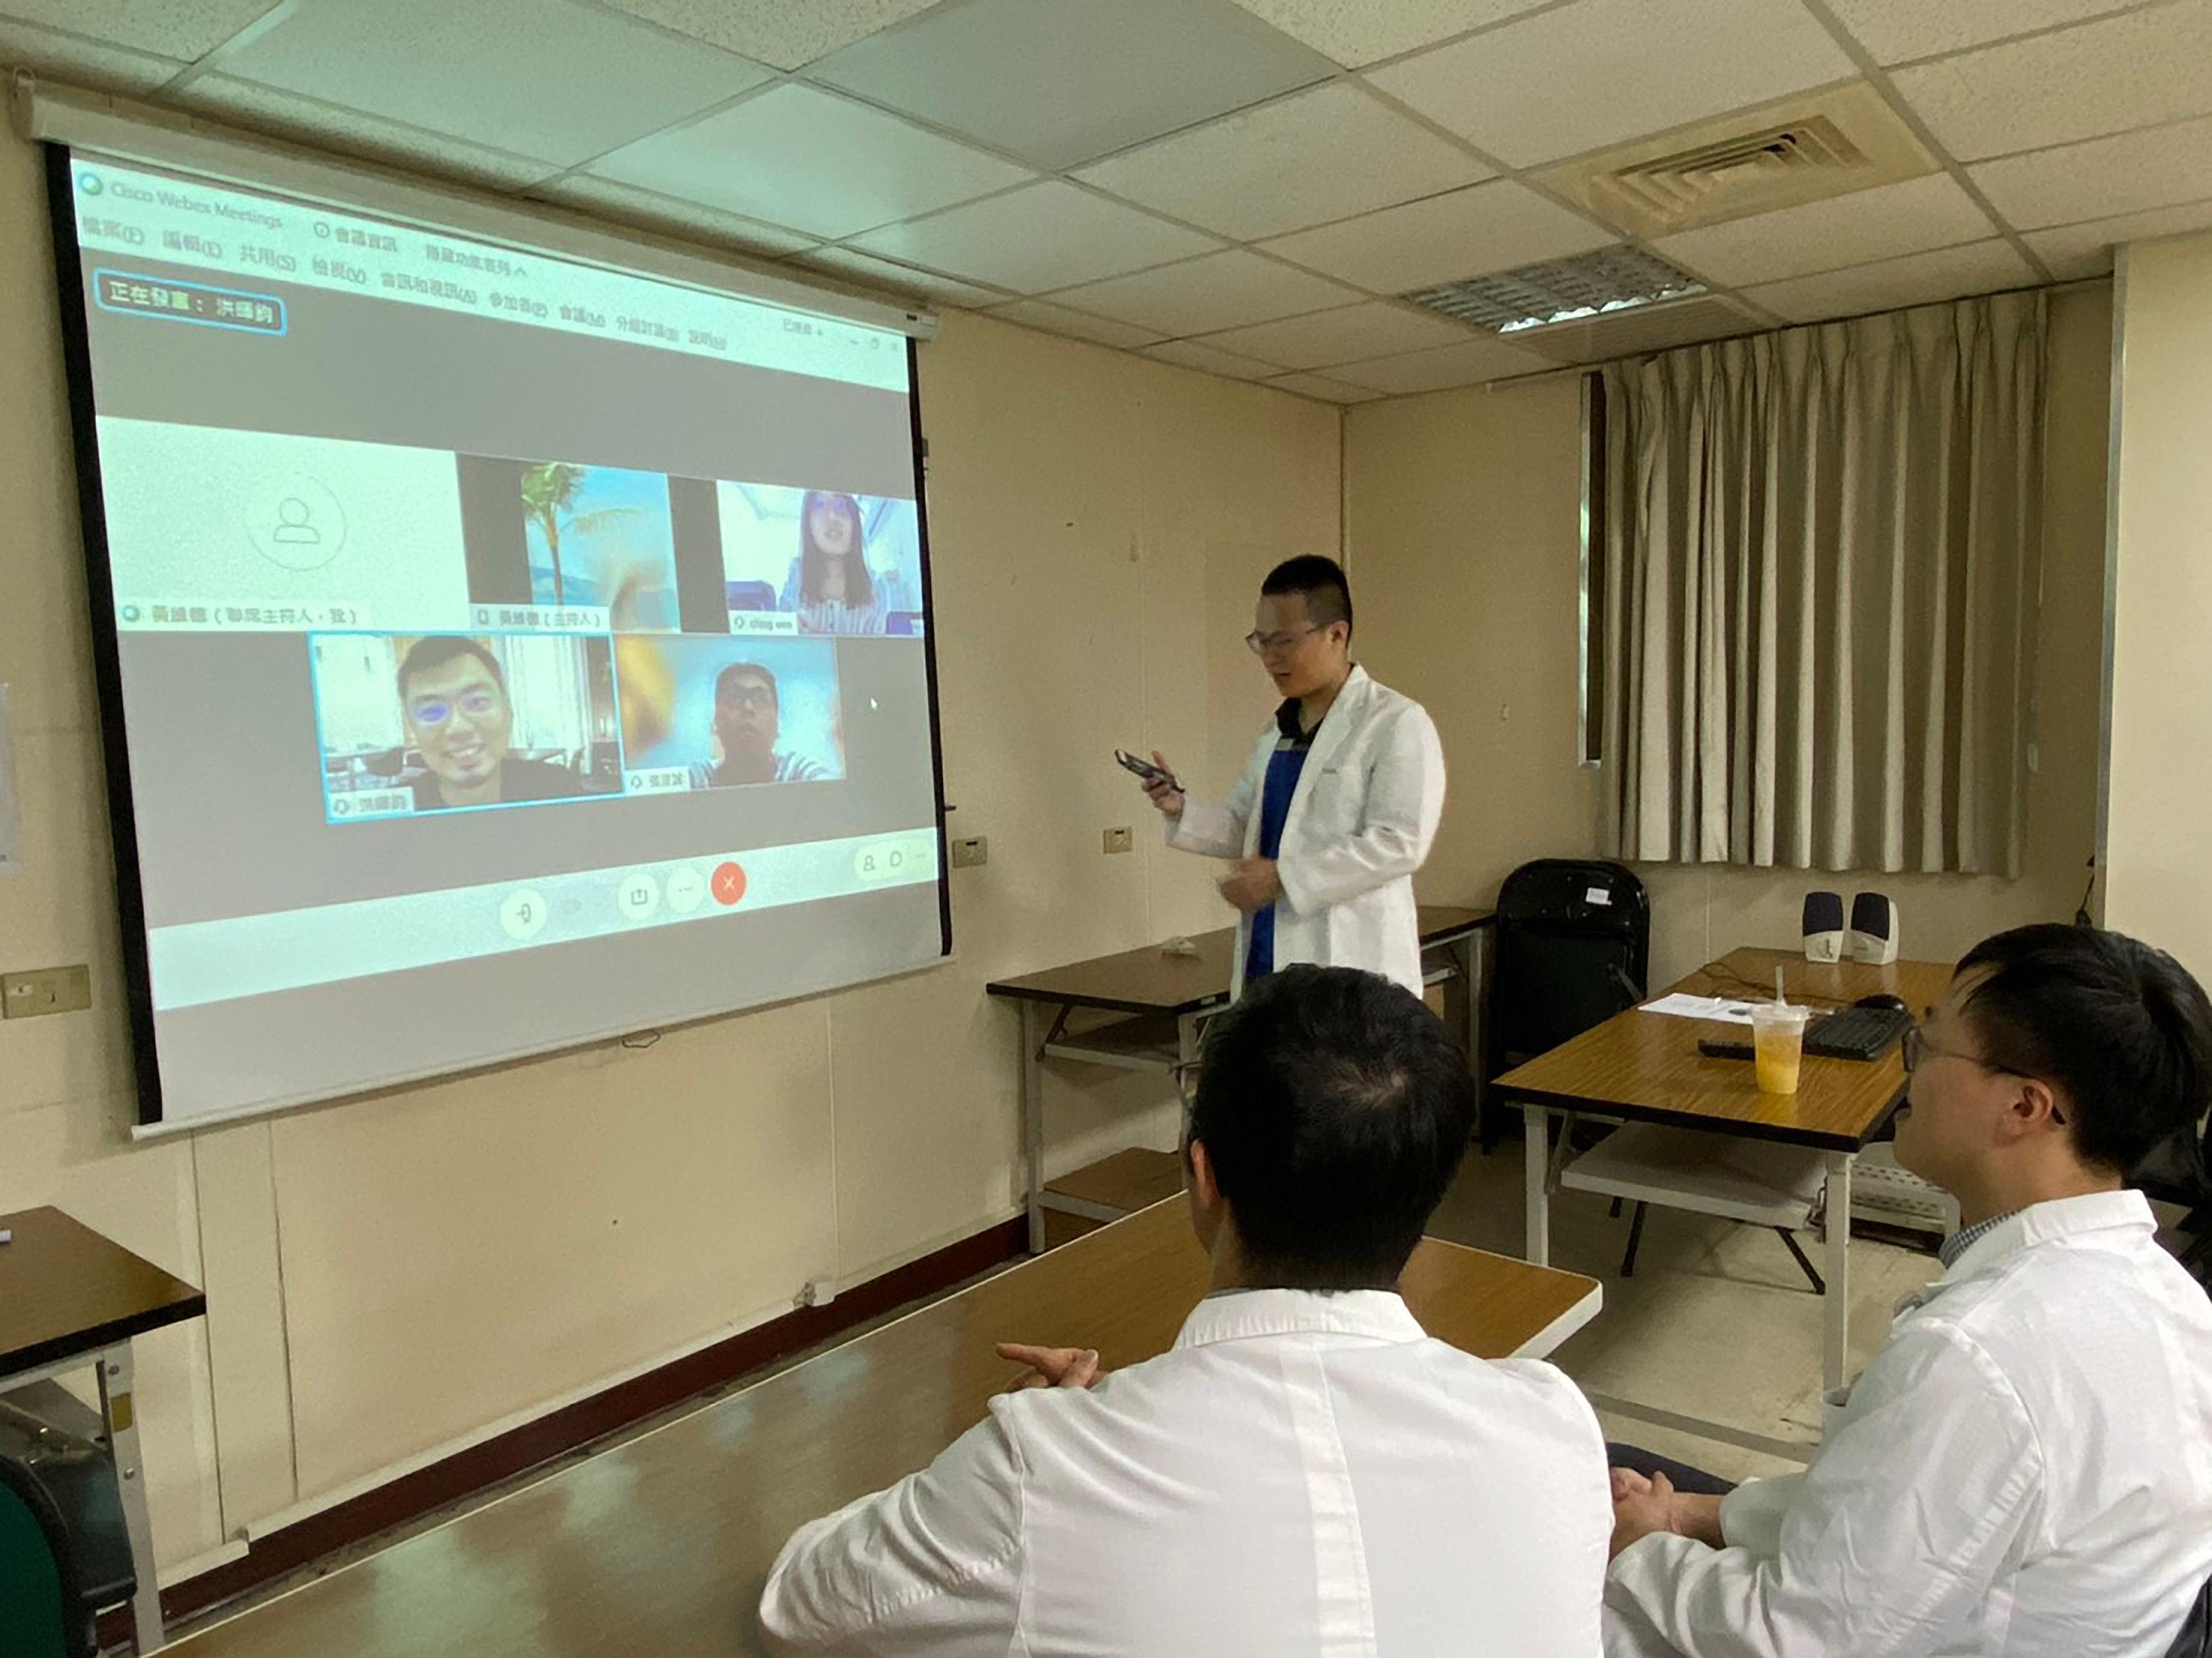 研發照片1_系統規劃會議:中國醫藥大學團隊與臺北醫學大學團隊視訊會議,討論系統規劃、資料萃取、資料清理、資料串連